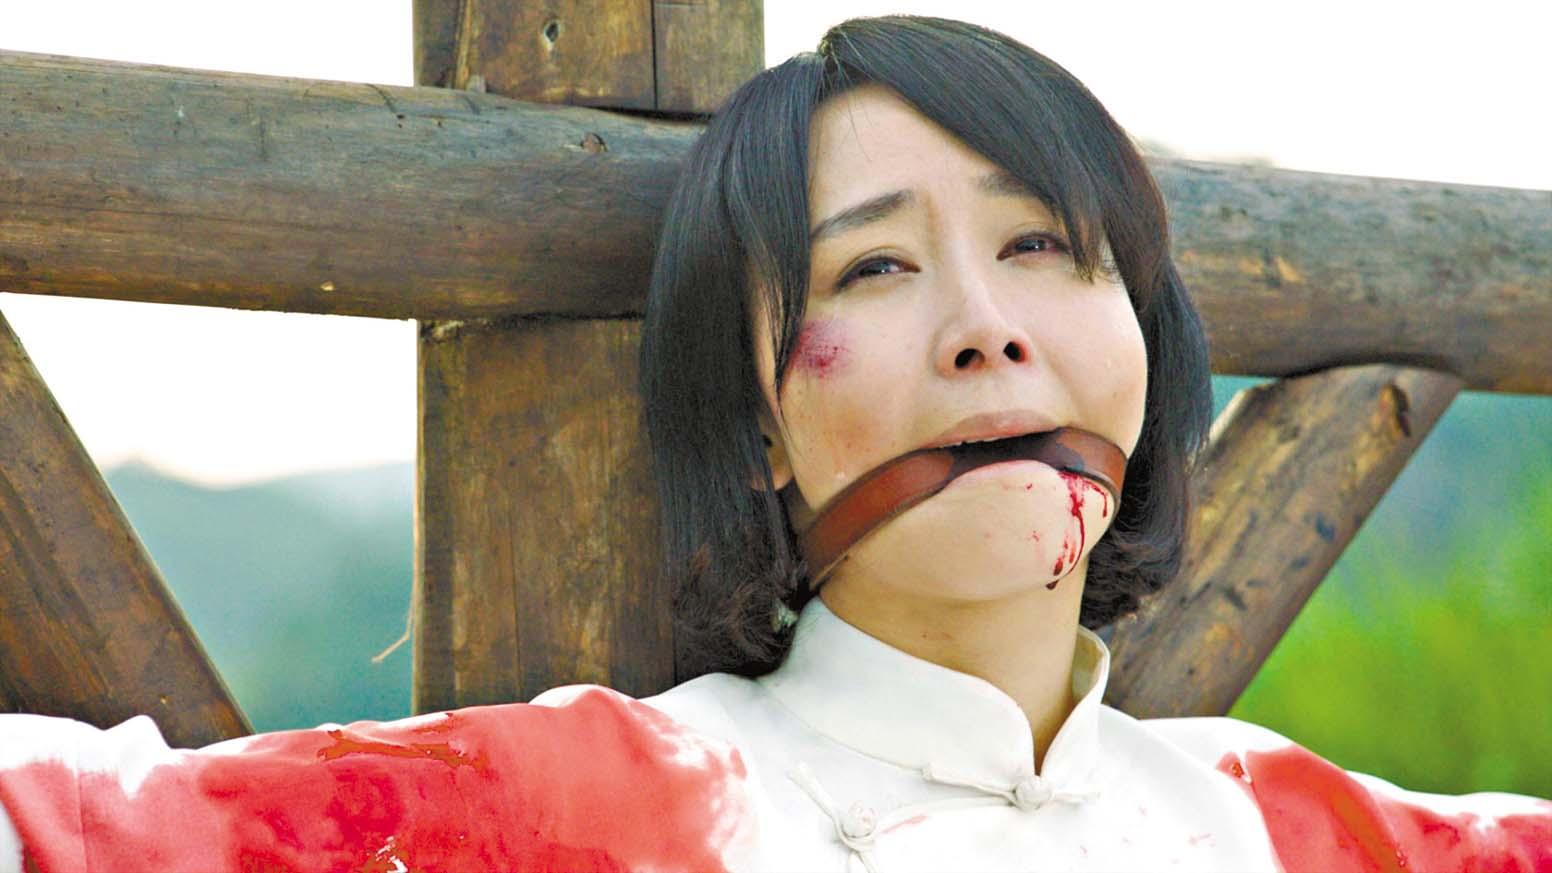 胡靜在劇中面對生死時仍能淡然一笑,在受 刑後死亡。 網上圖片